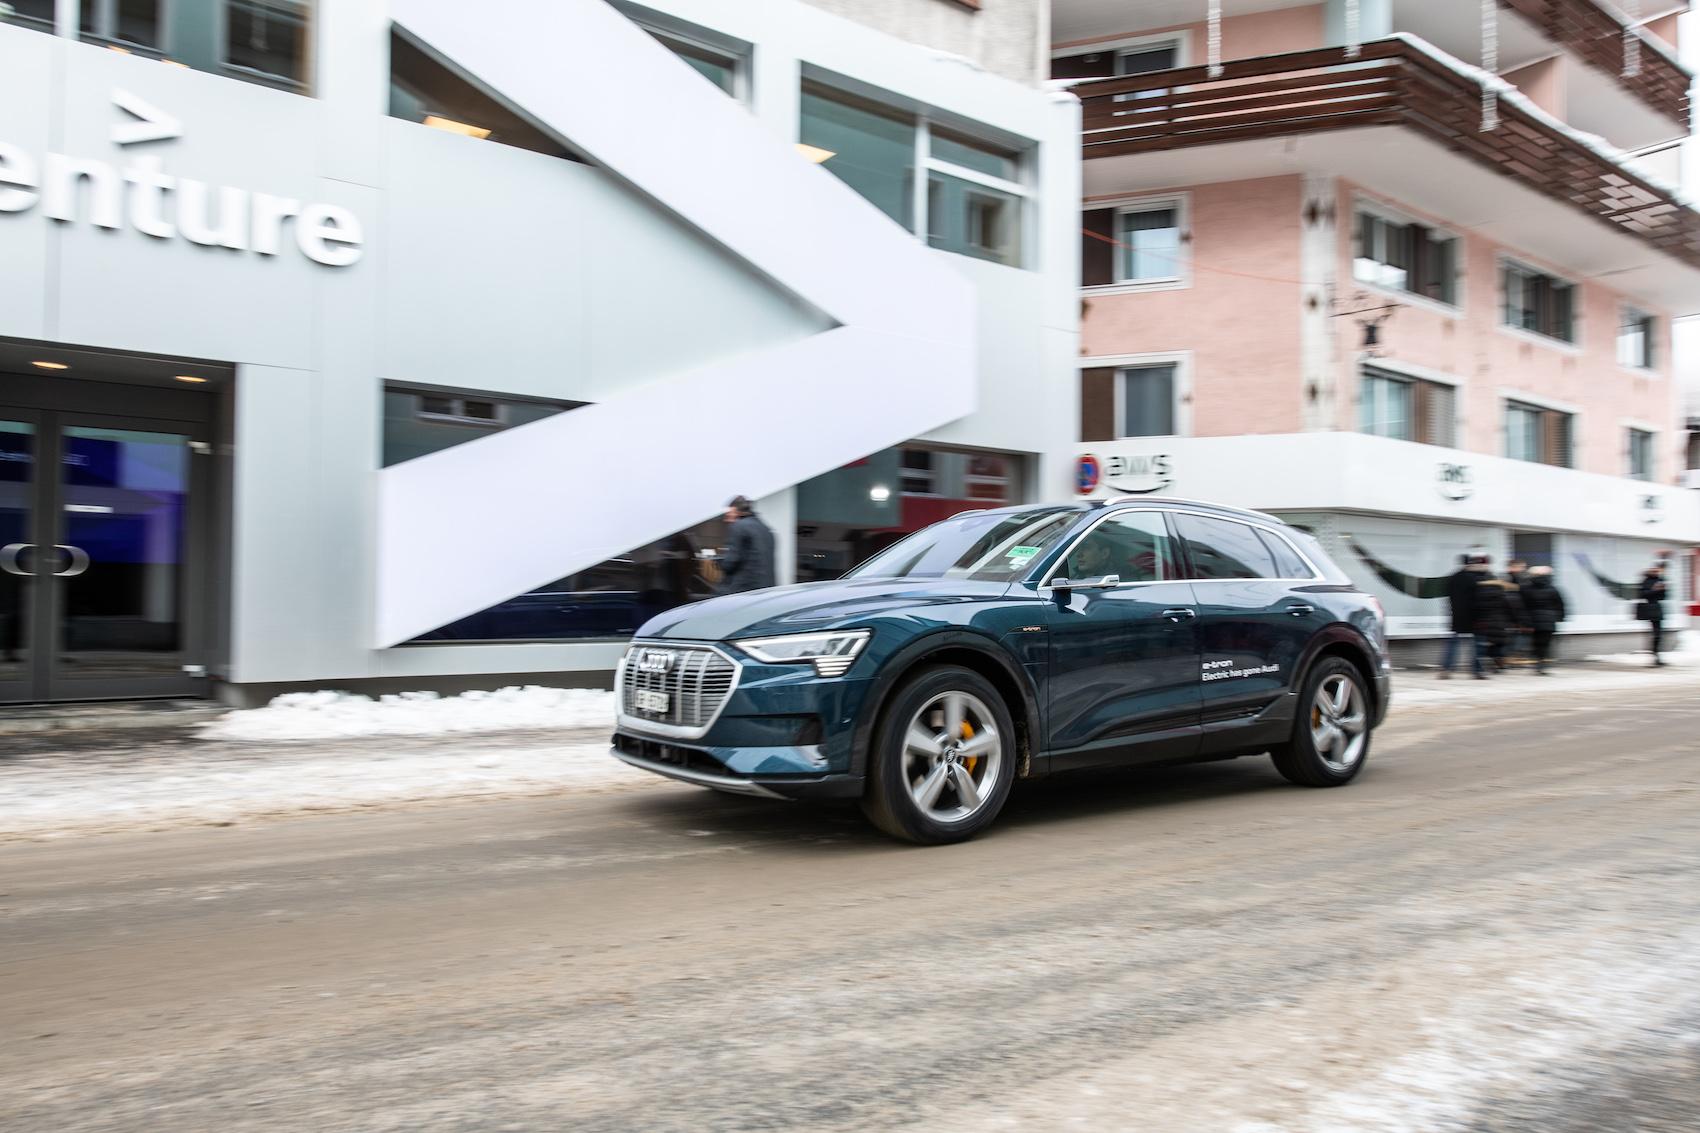 Le auto navetta Audi come mezzo d'incontro a Davos, senza gas di scarico e senza rombo di motori. (Foto: Adrian Bretscher.)